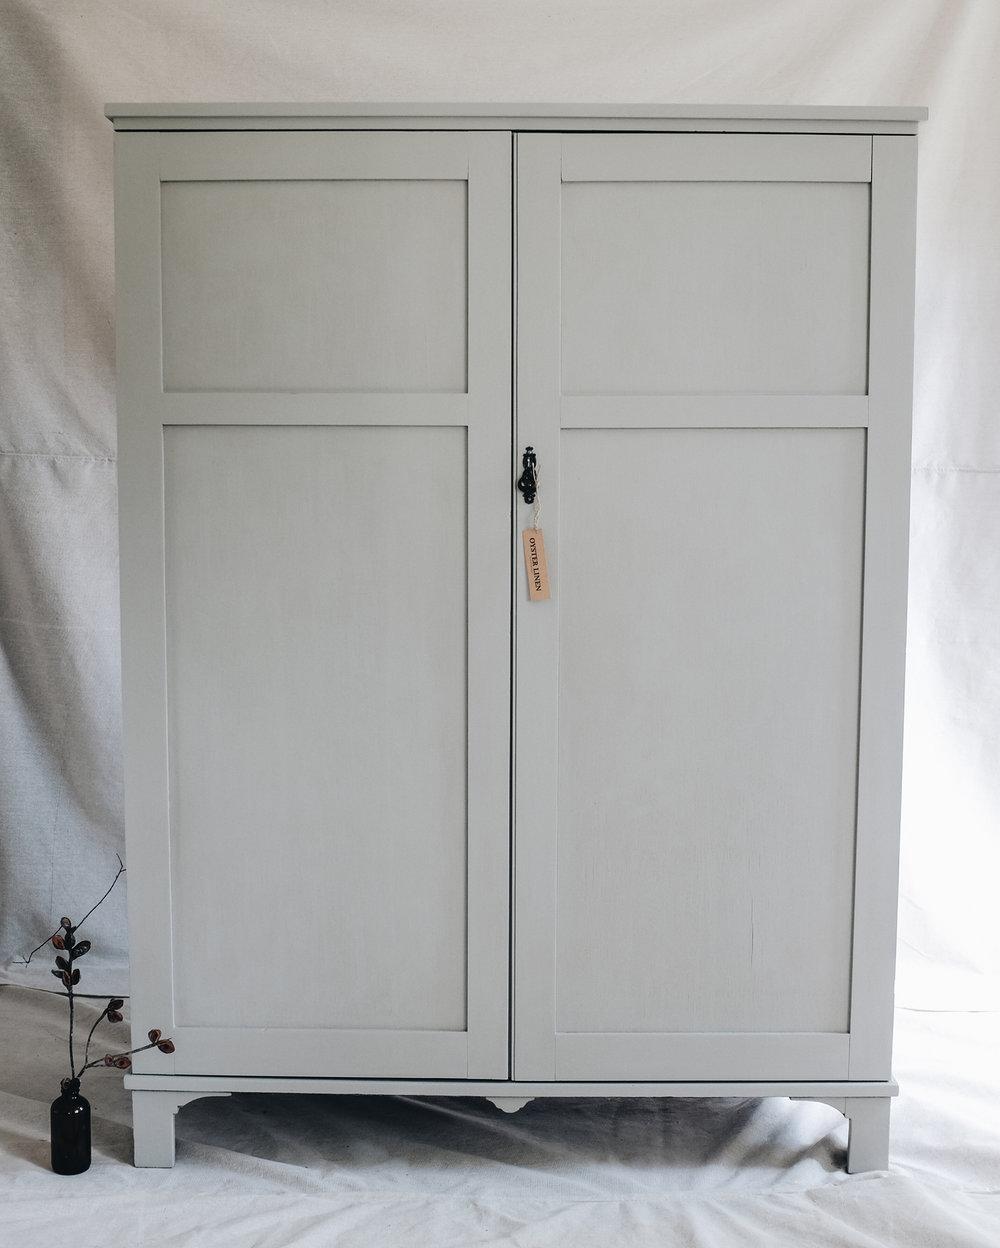 wardrobe1 (3 of 8).jpg